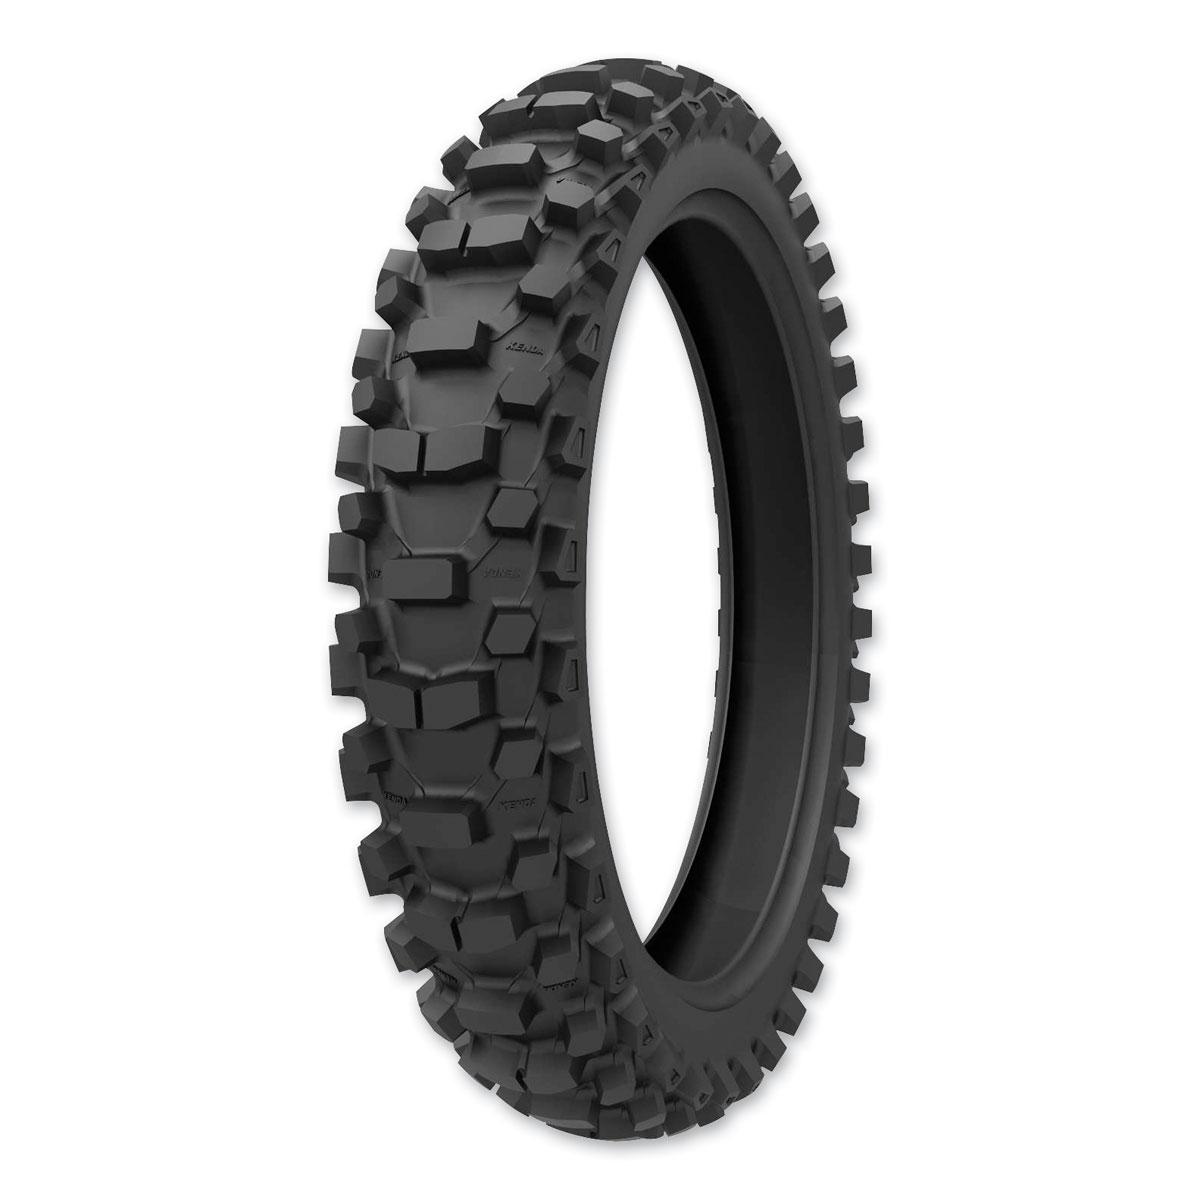 Kenda Tires K785 Millville II 110/90-19 Rear Tire